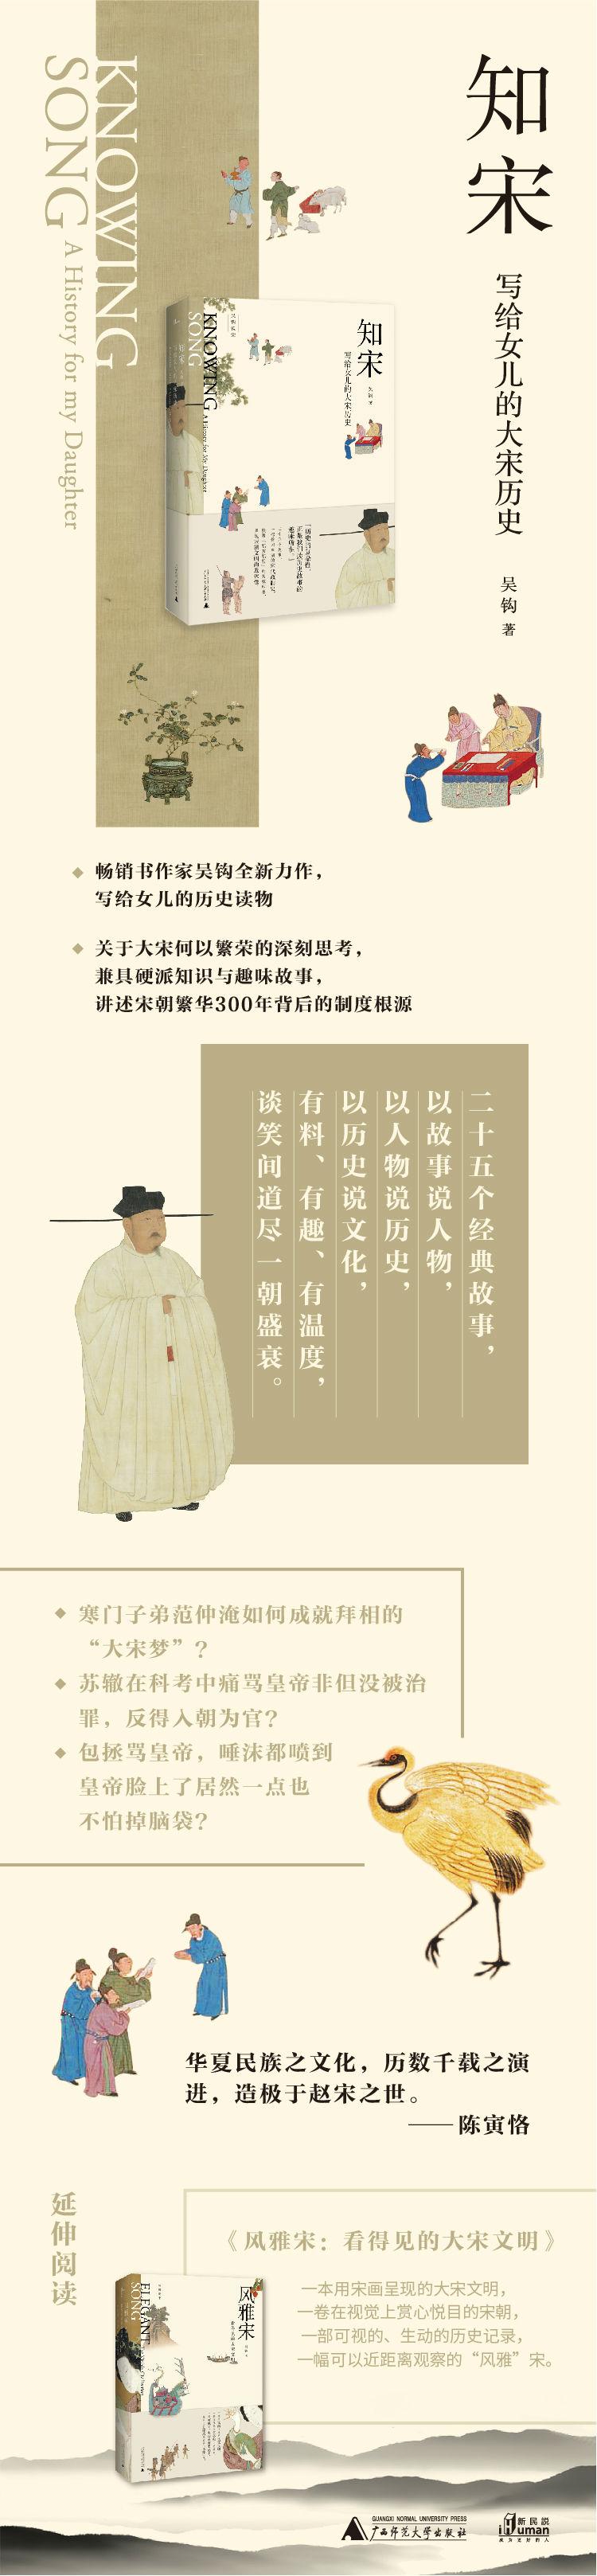 知宋 写給女儿的大宋歴史-呉鈎説宋